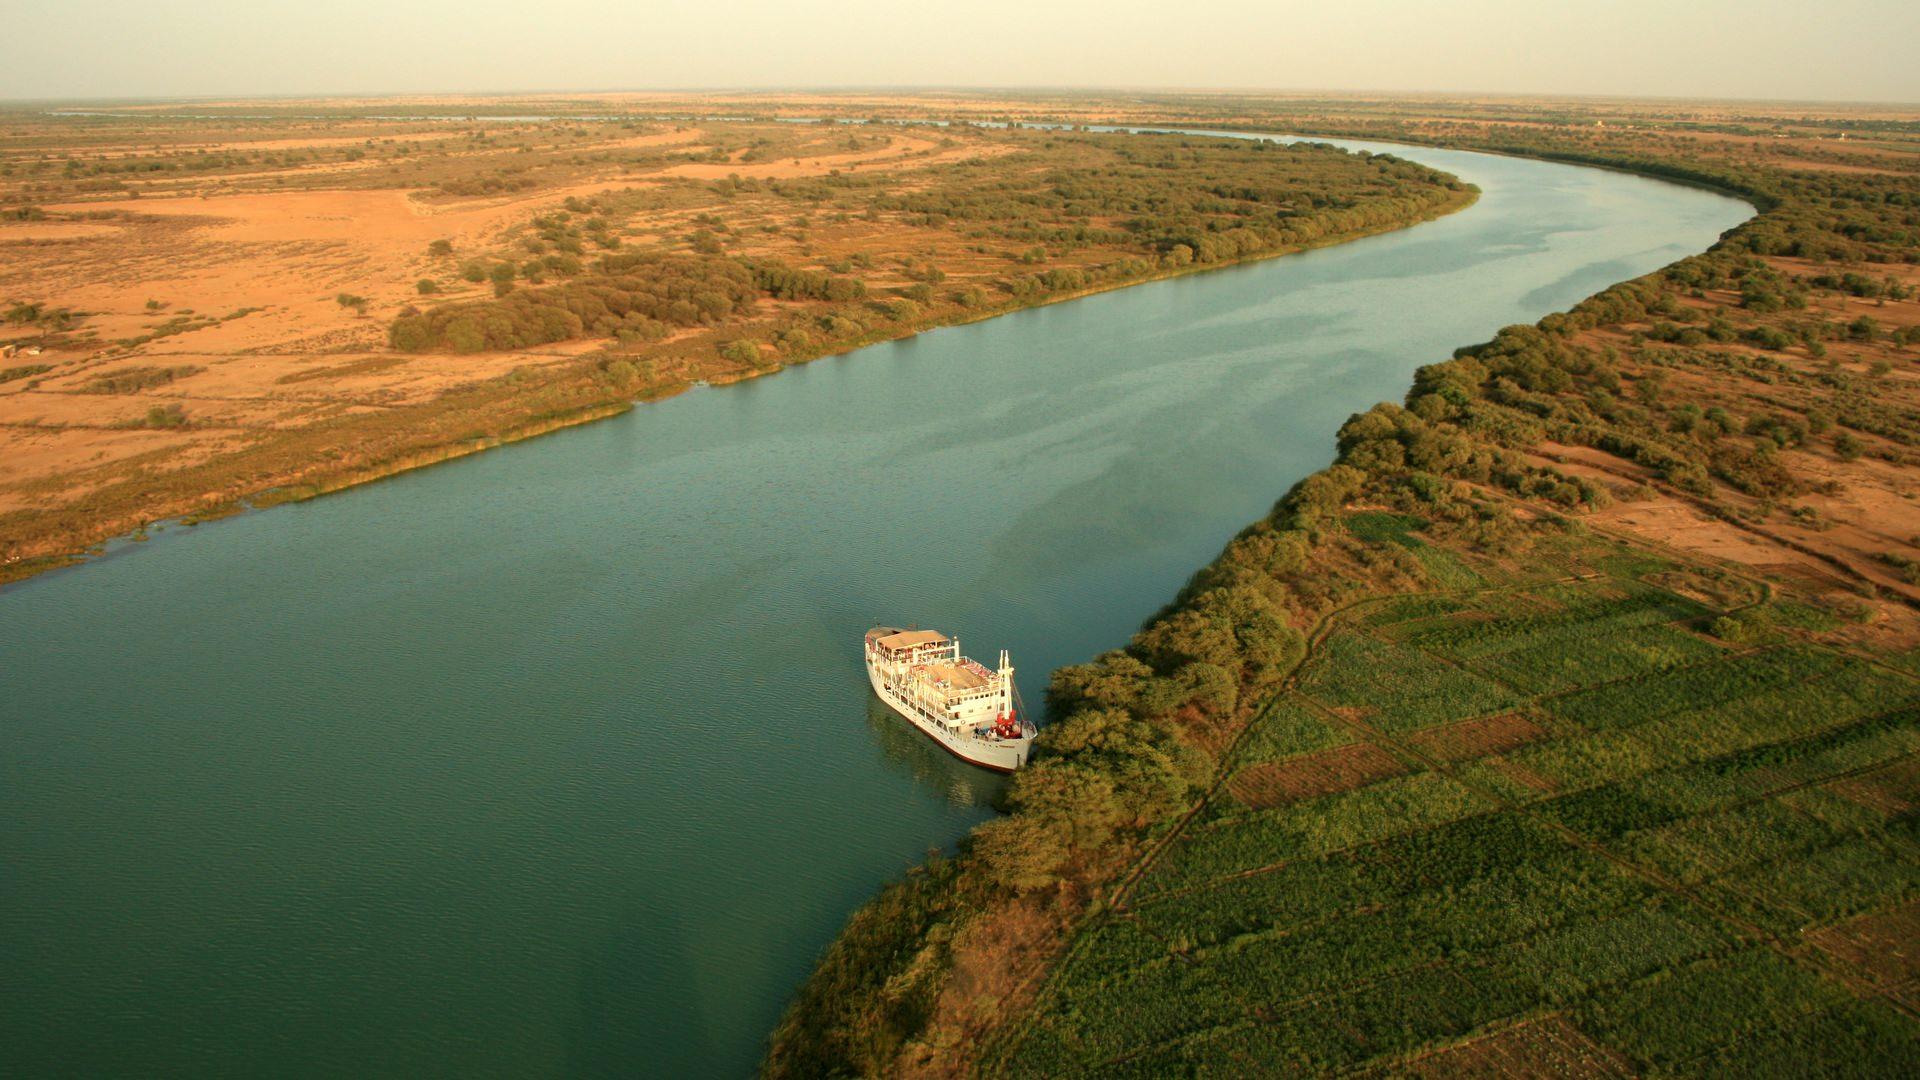 La gouvernance foncière du fleuve Sénégal doit prendre en compte les populations vulnérables (expert)